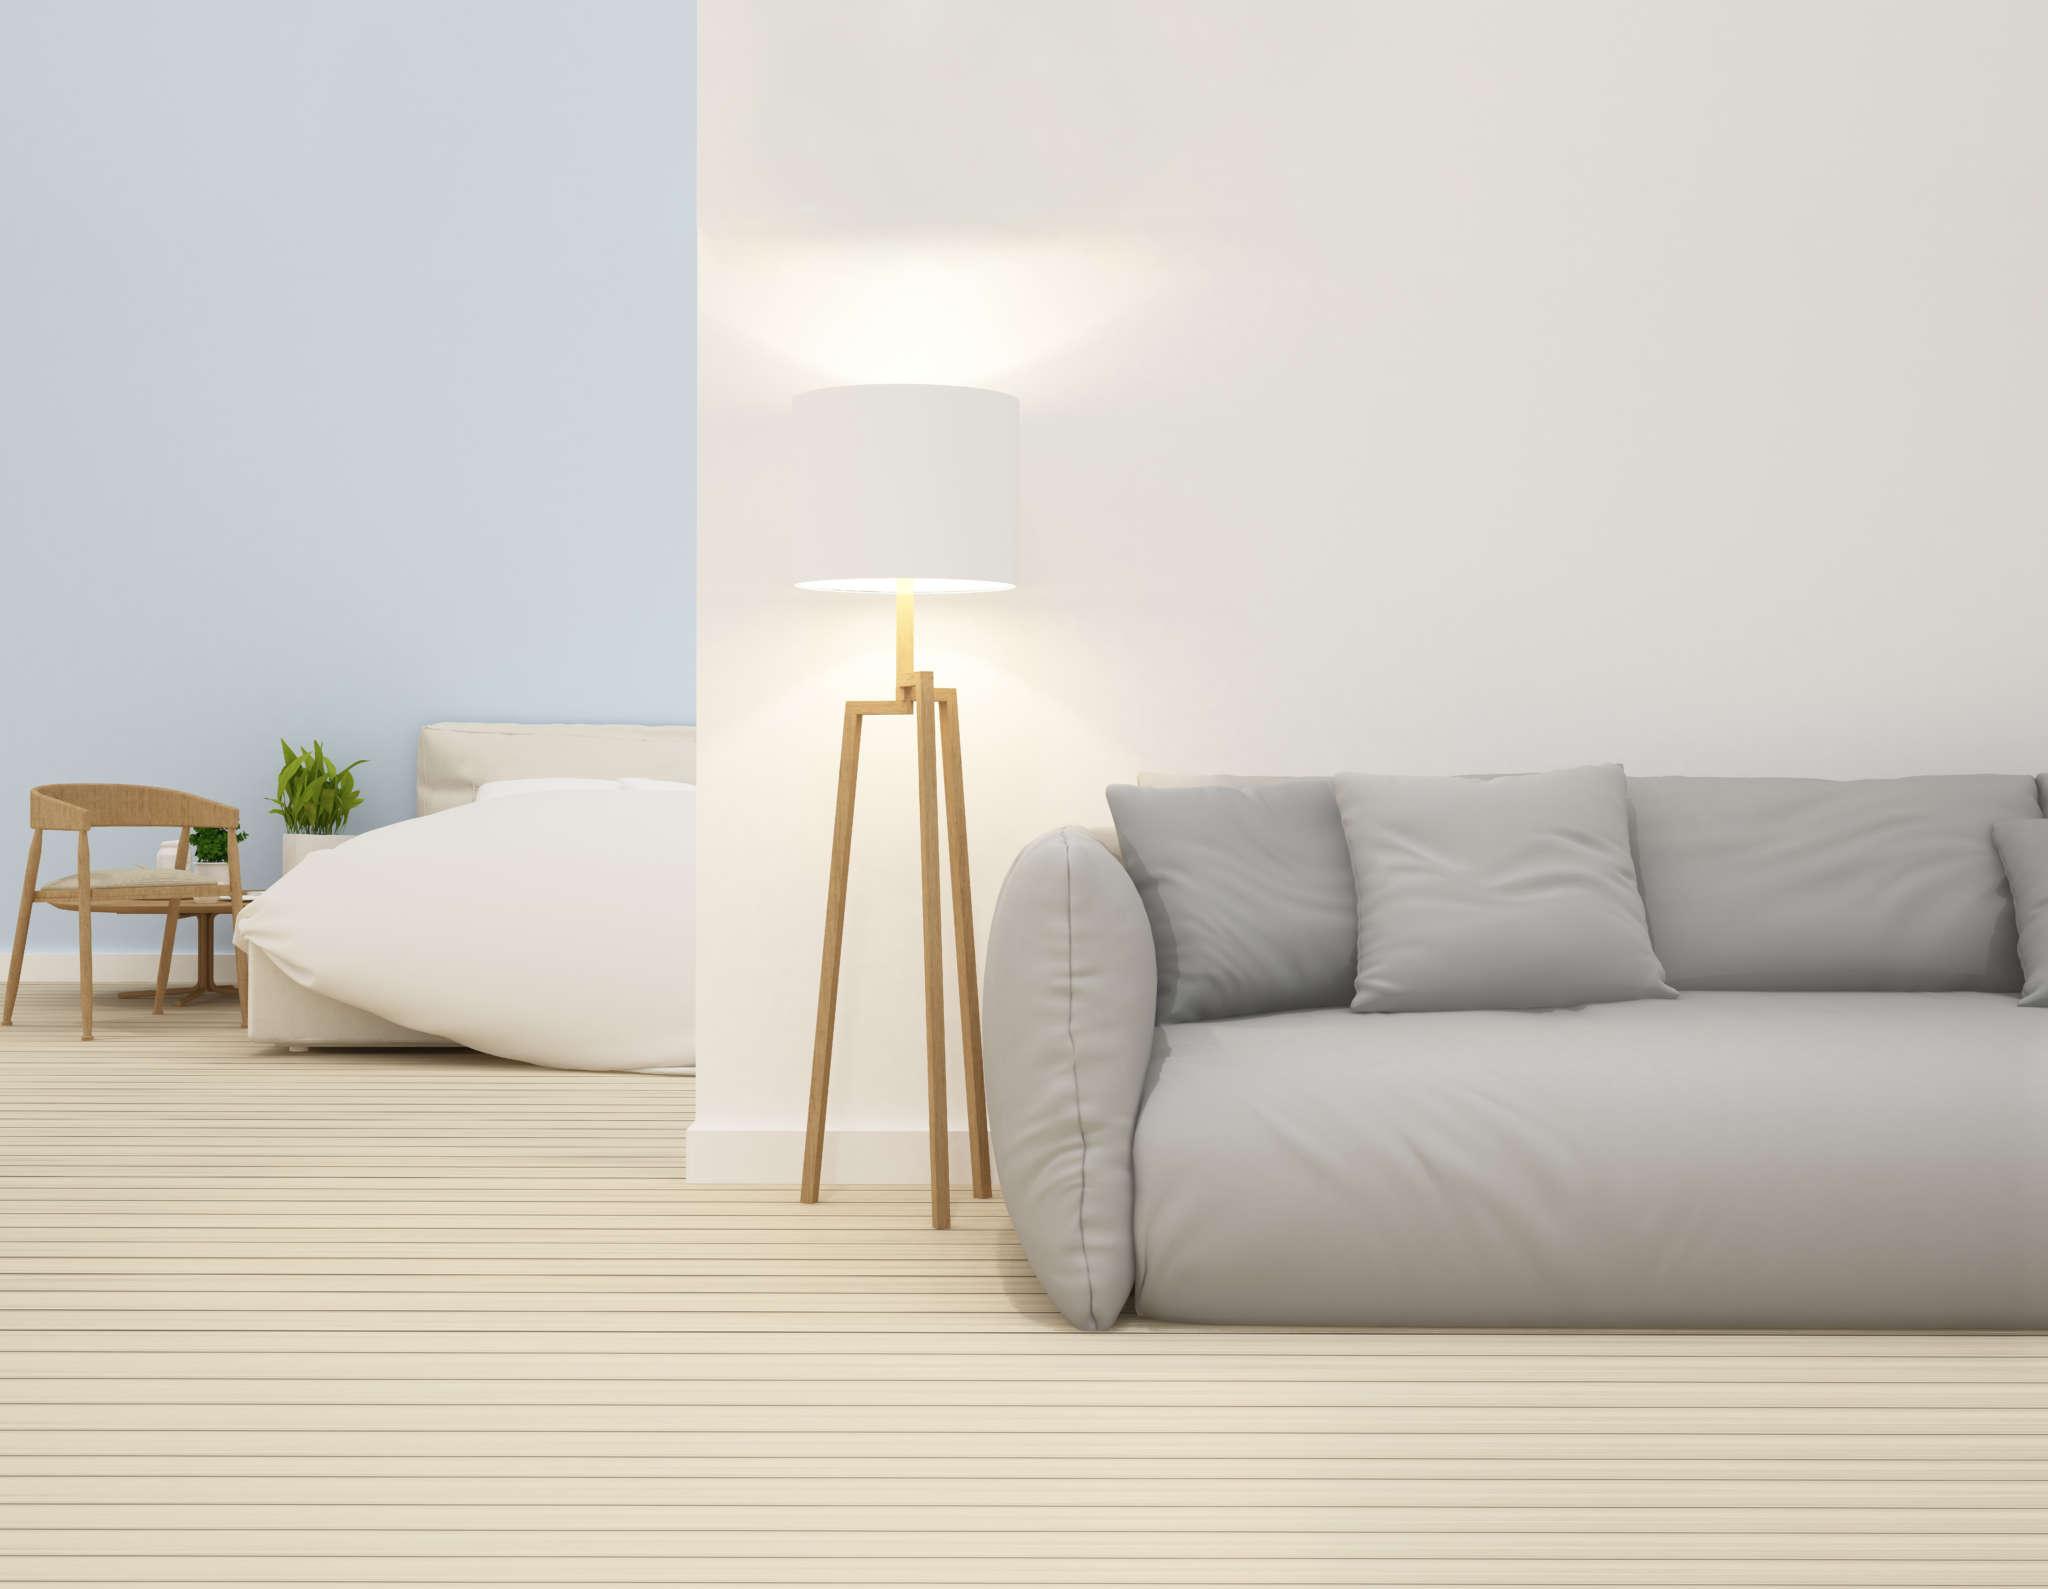 Pietre Bianca Per Interni pitture per interni: scopri tutte le soluzioni bianche